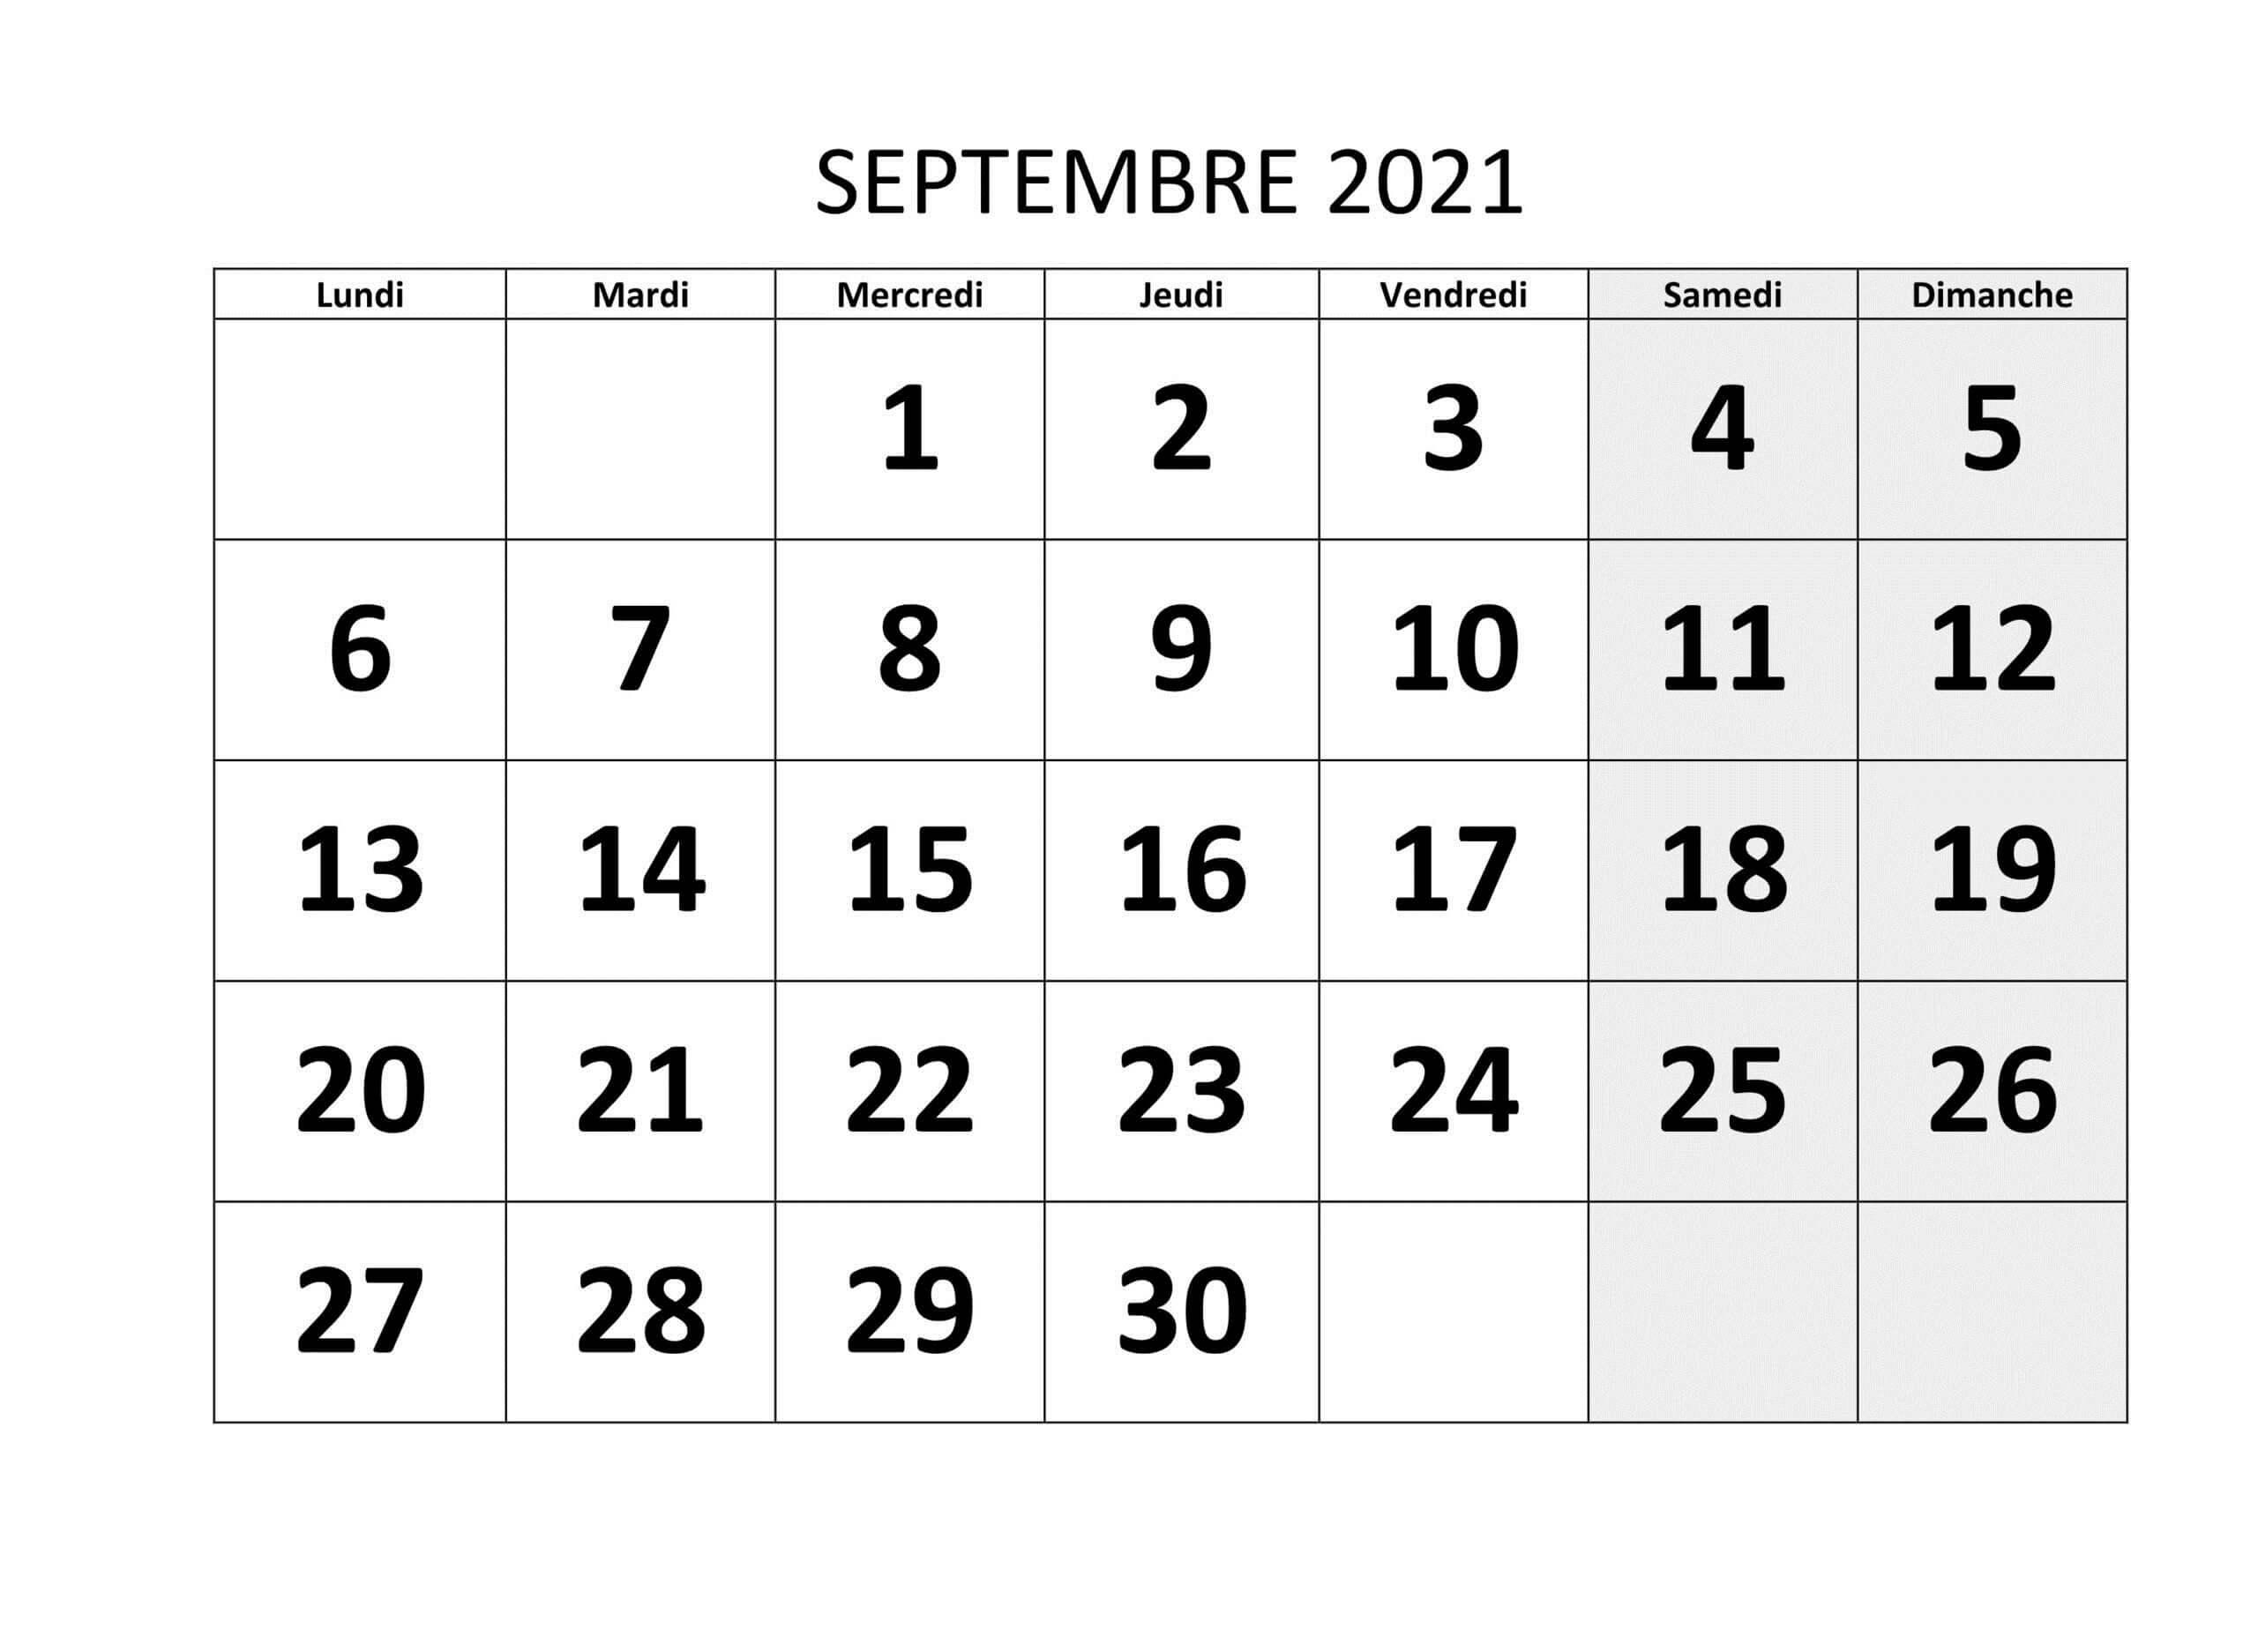 2021 Calendrier Septembre PDF